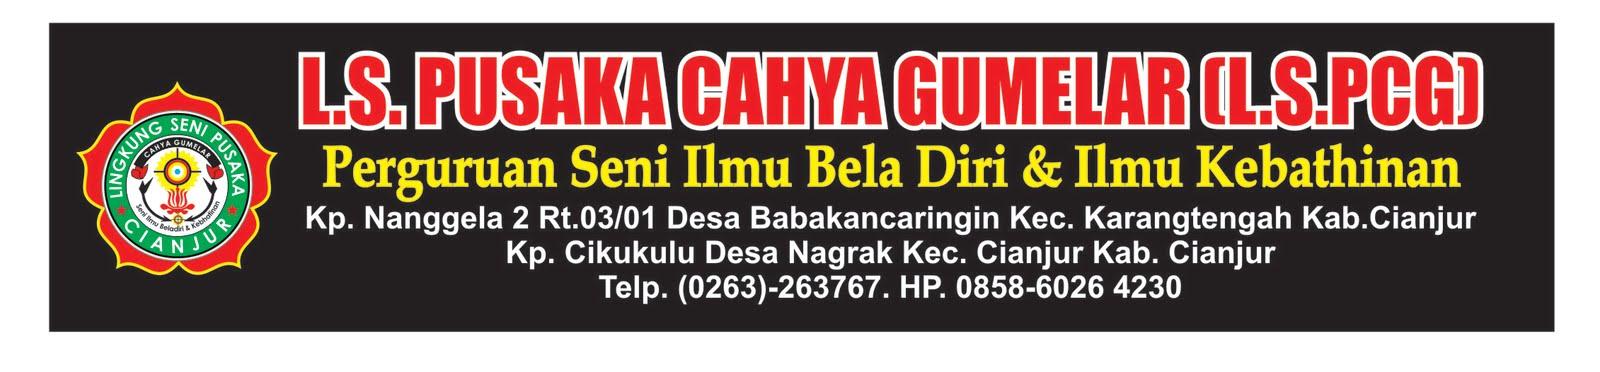 Perguruan Al-Hikmah LS Pusaka Cahya Gumelar